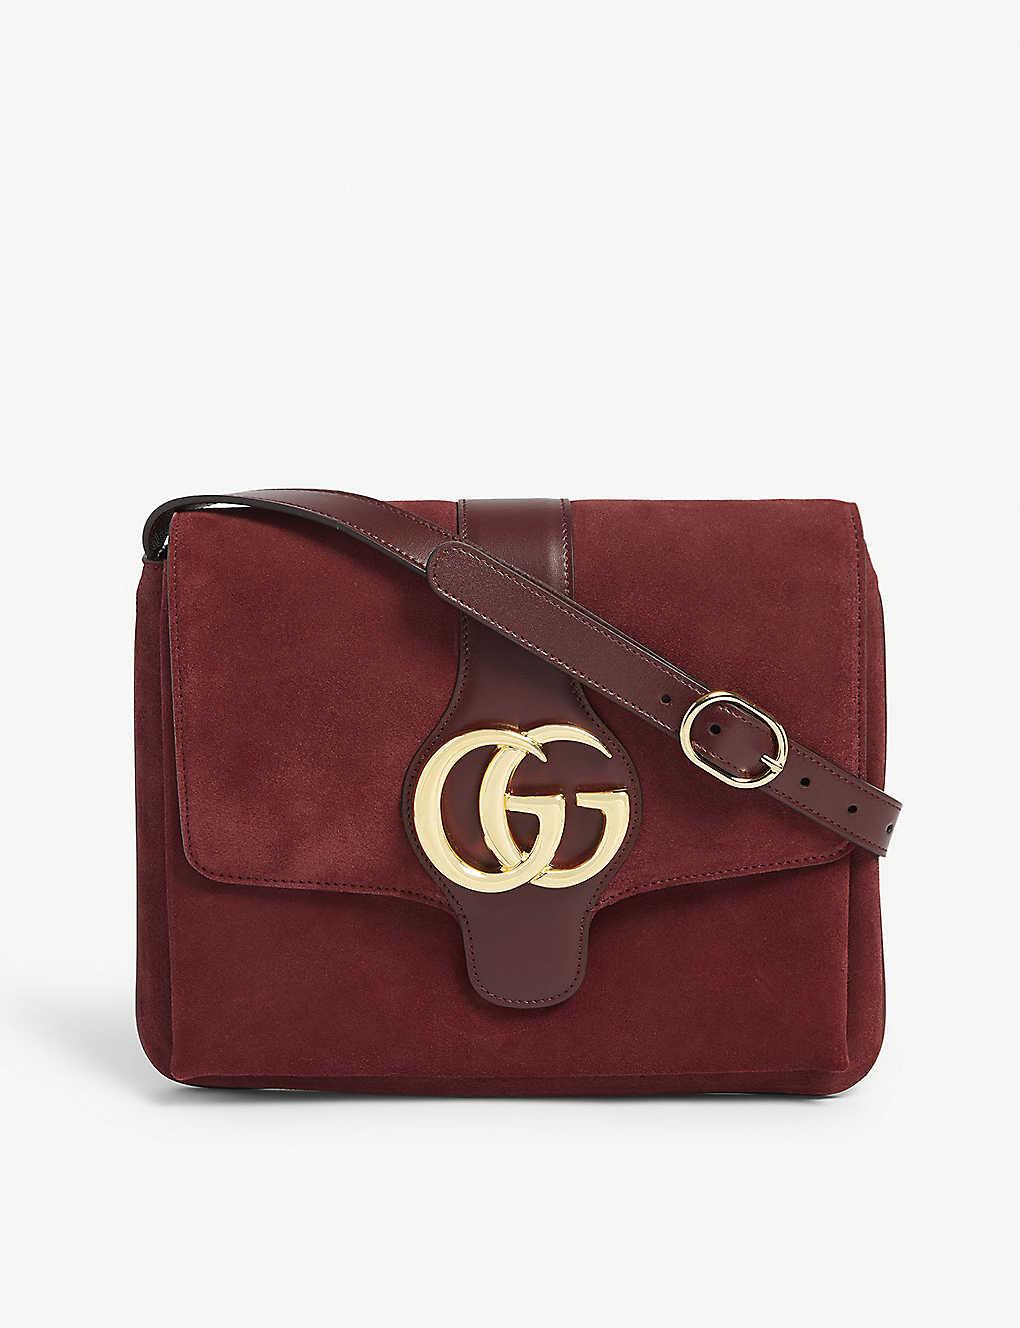 6f410b2dcdde GUCCI - Arli shoulder bag | Selfridges.com